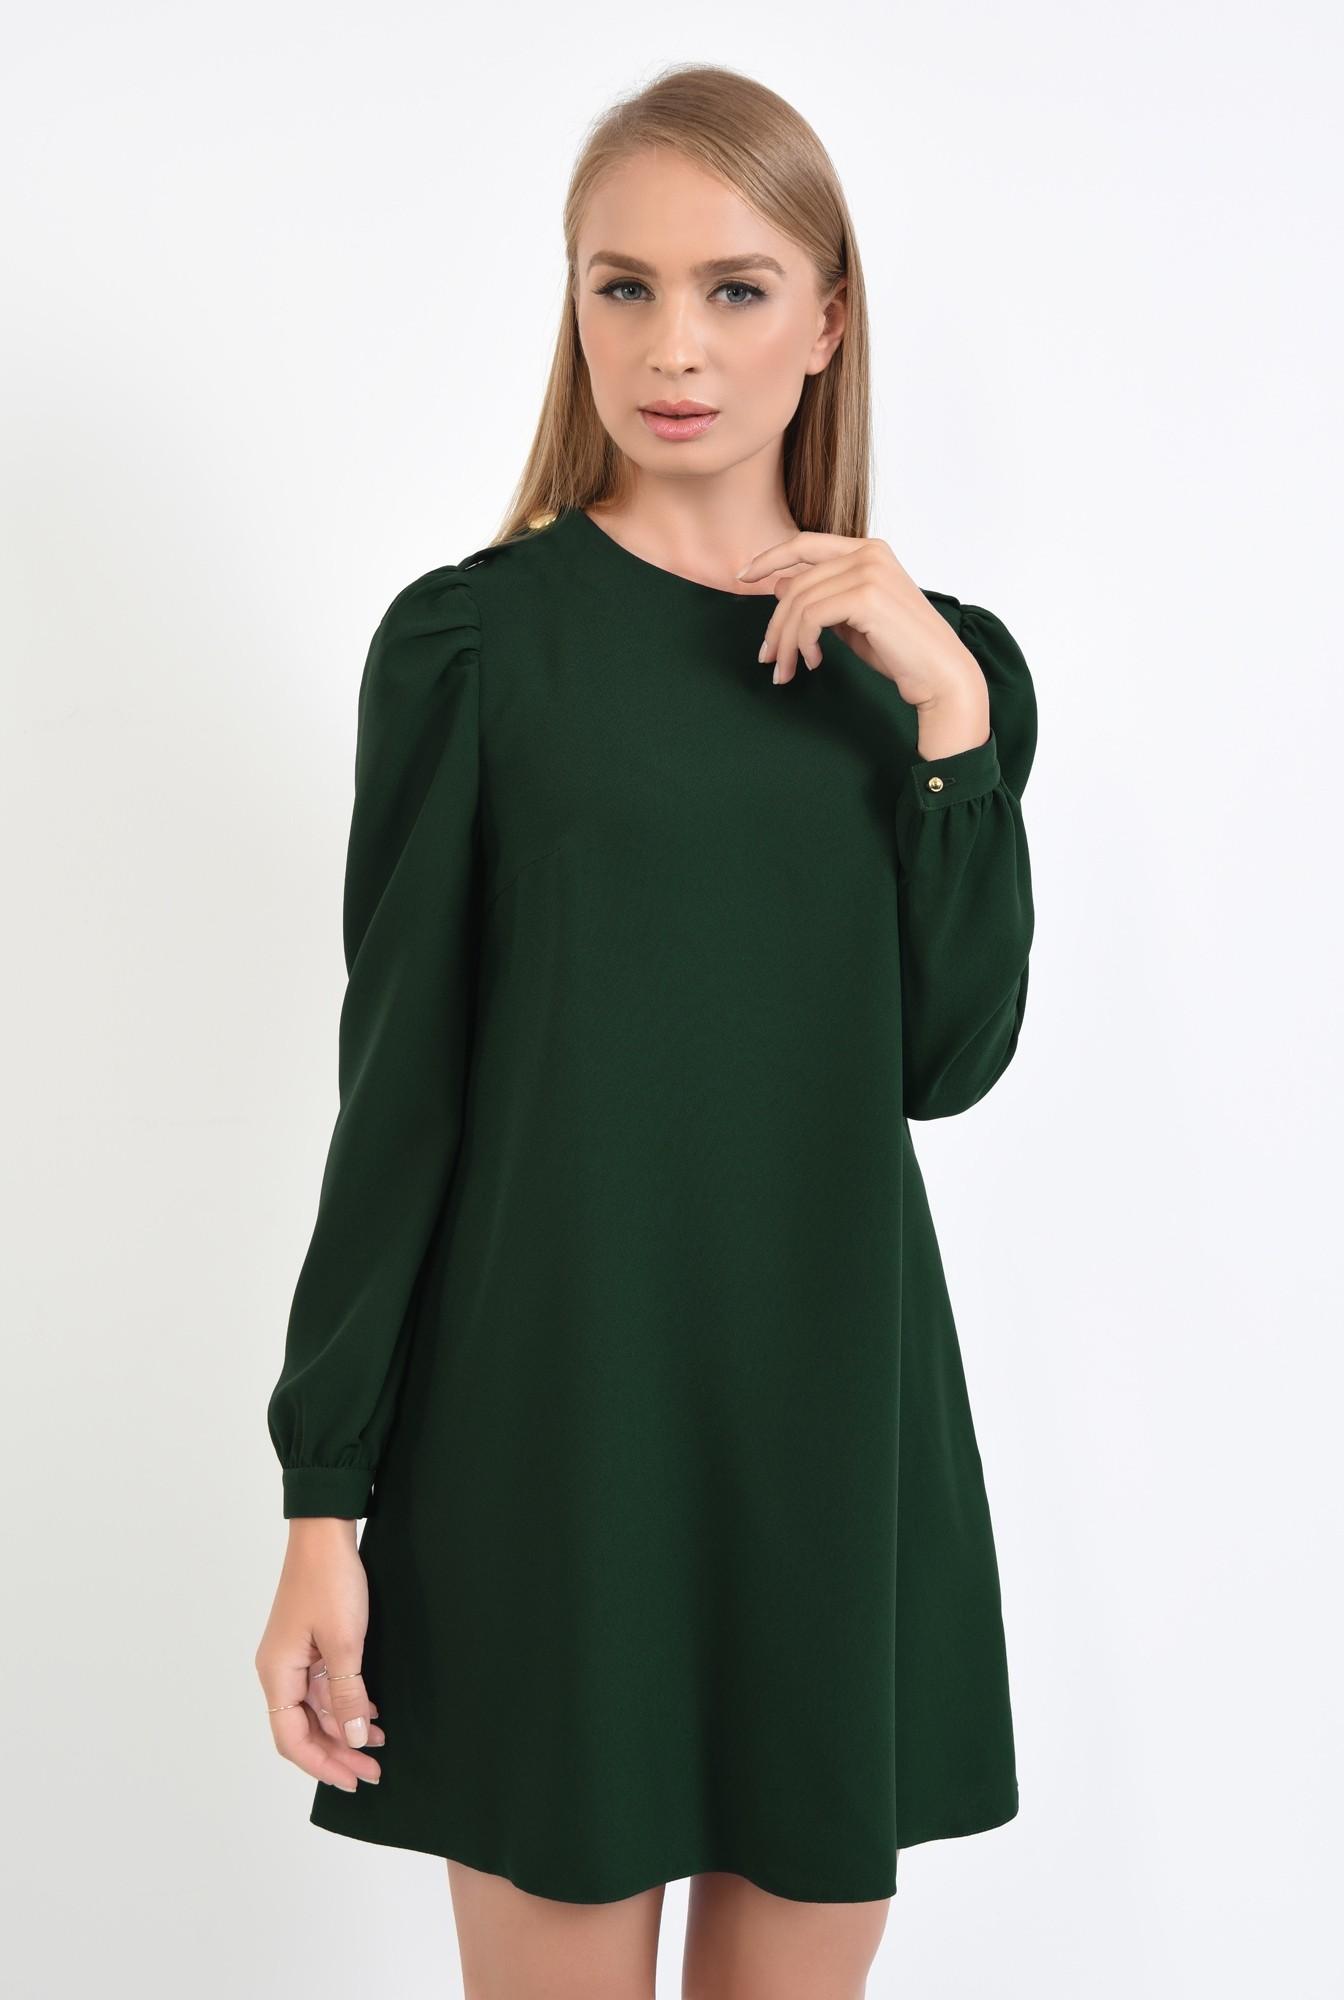 0 - 360 - rochie de zi, croi evazat, verde inchis, epoleti, cu nasture fantezie